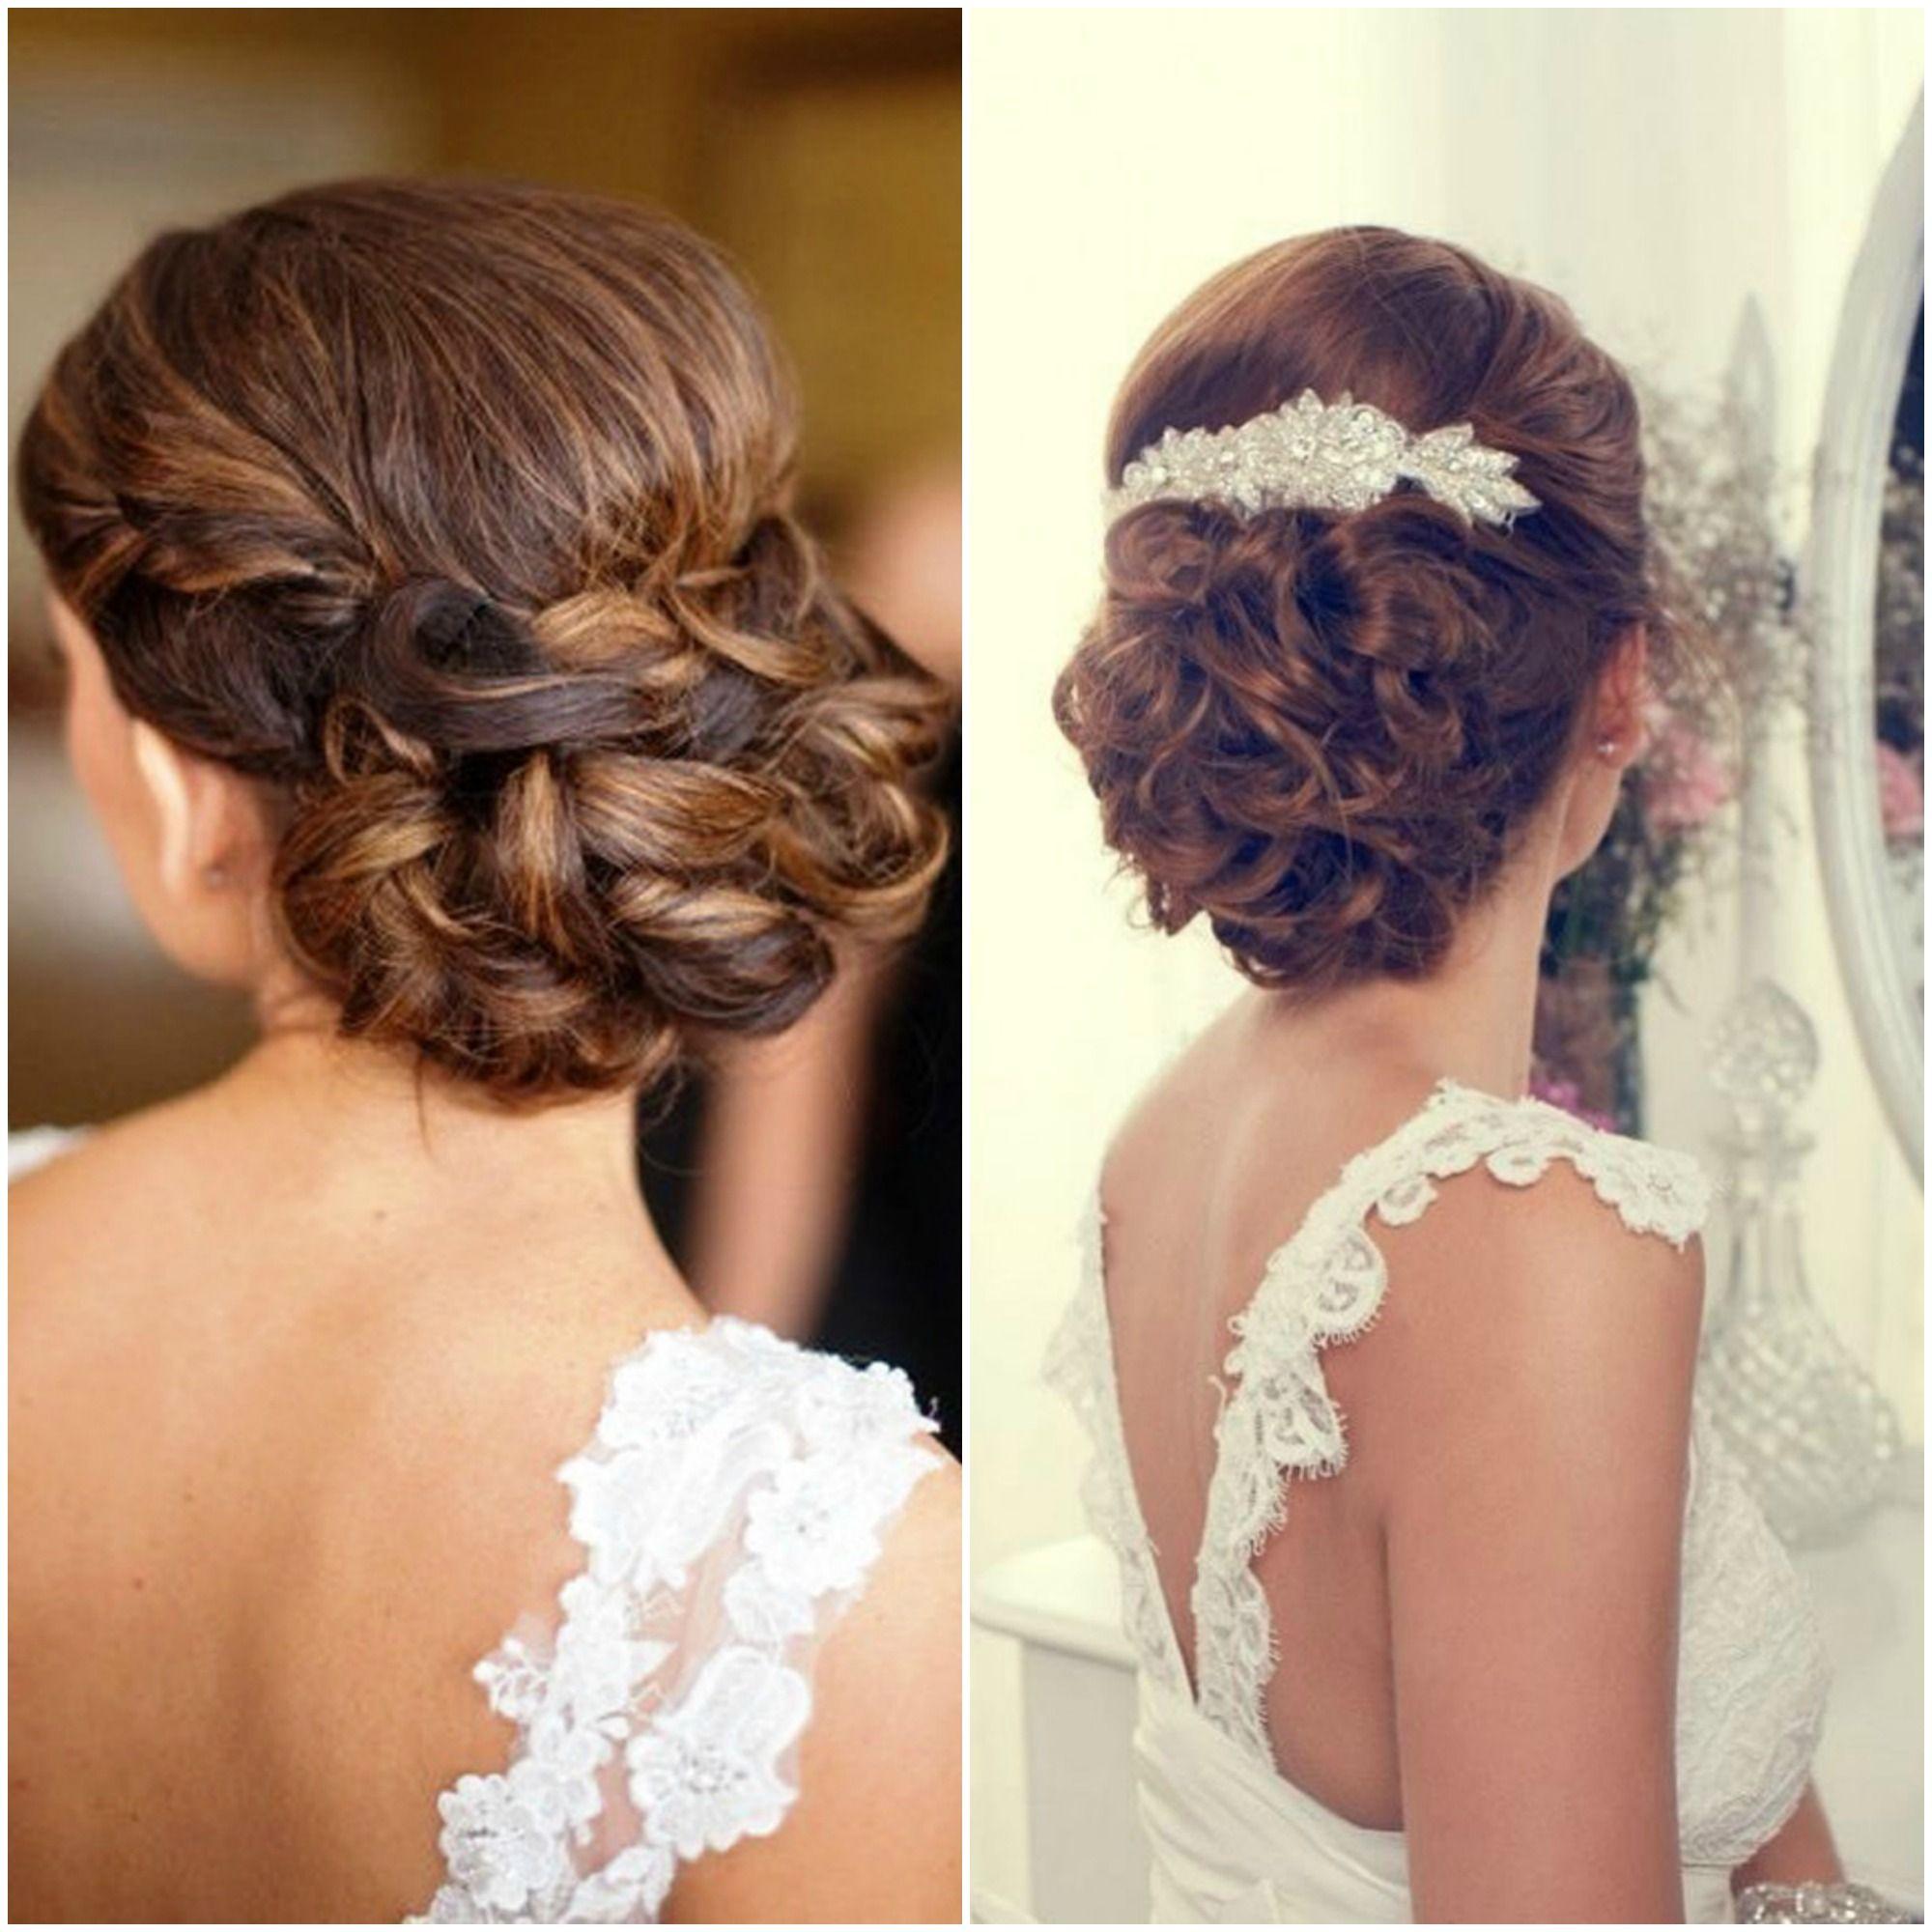 imgenes que seguro te servirn de inspiracin para ese peinado perfecto que te haga lucia preciosa el da de tu boda - Recogidos De Novia Bajos